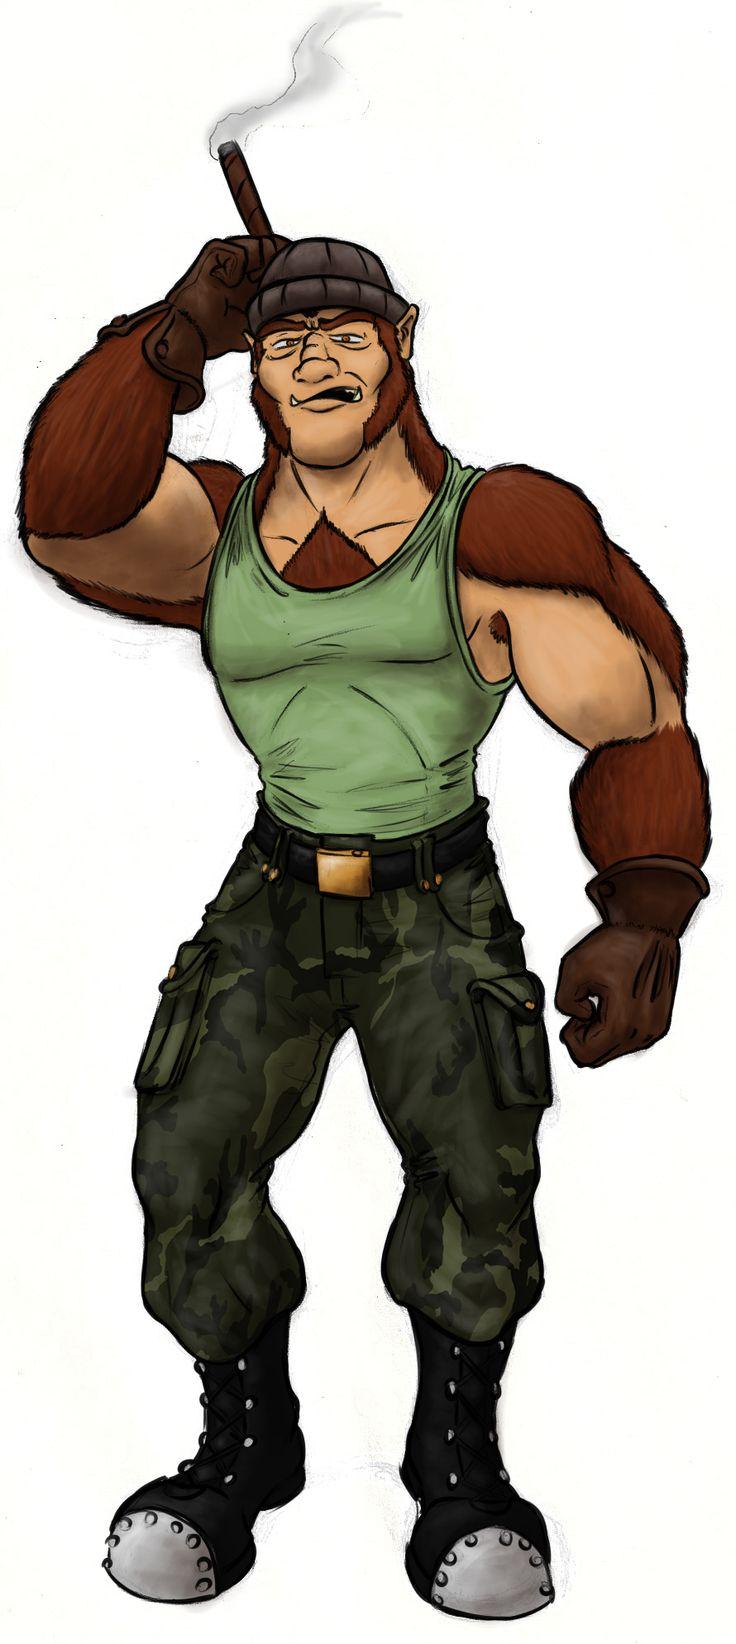 Johnny tiene dos diseños, una como humano y otra como hombre lobo.